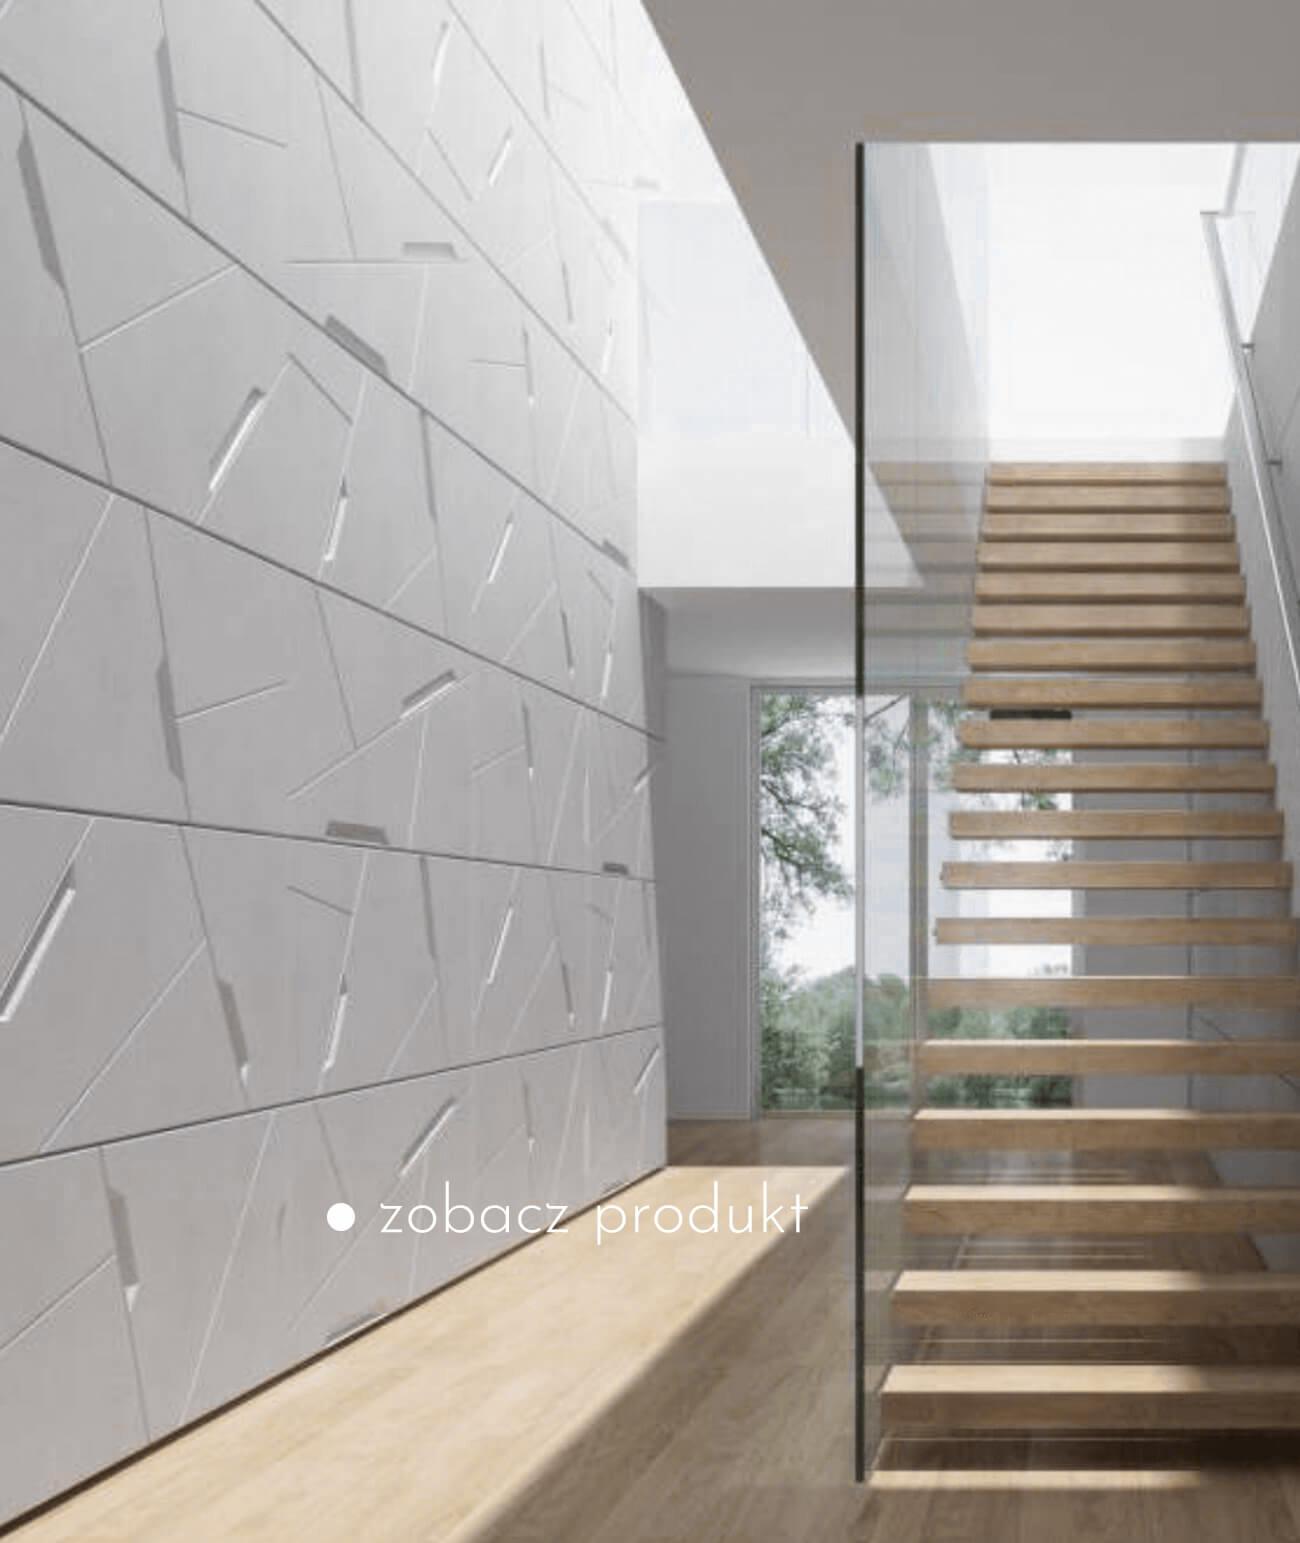 panele-betonowe-3d-scienne-i-elewacyjne-beton-architektoniczny_523-2894-pb18-bs-sniezno-bialy-space---panel-dekor-3d-beton-architektoniczny-panel-scienny